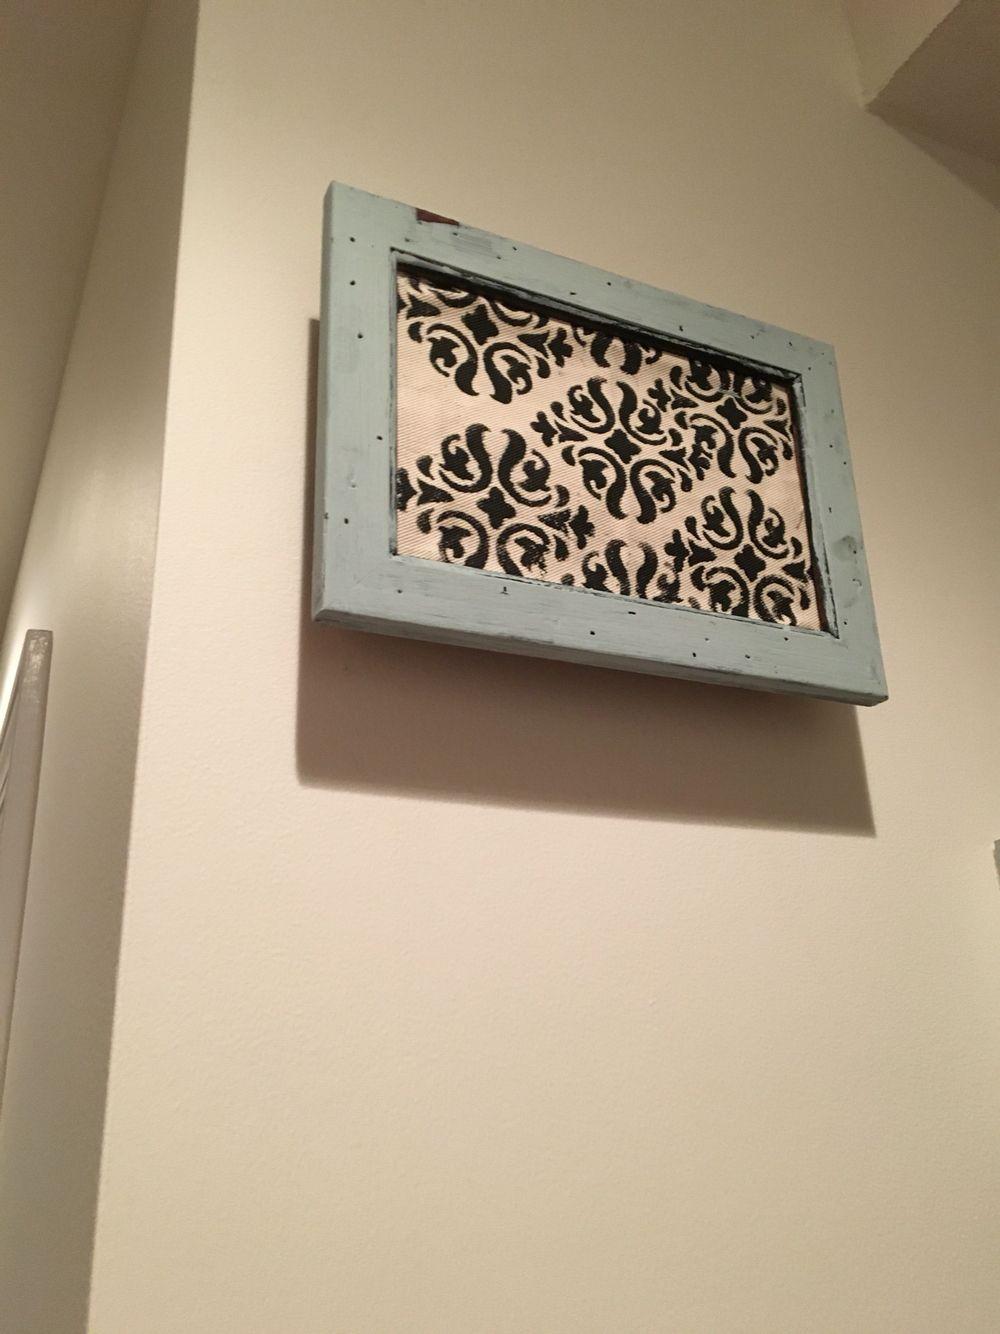 Doorbell Cover Diy The New Home Pinterest Doorbell